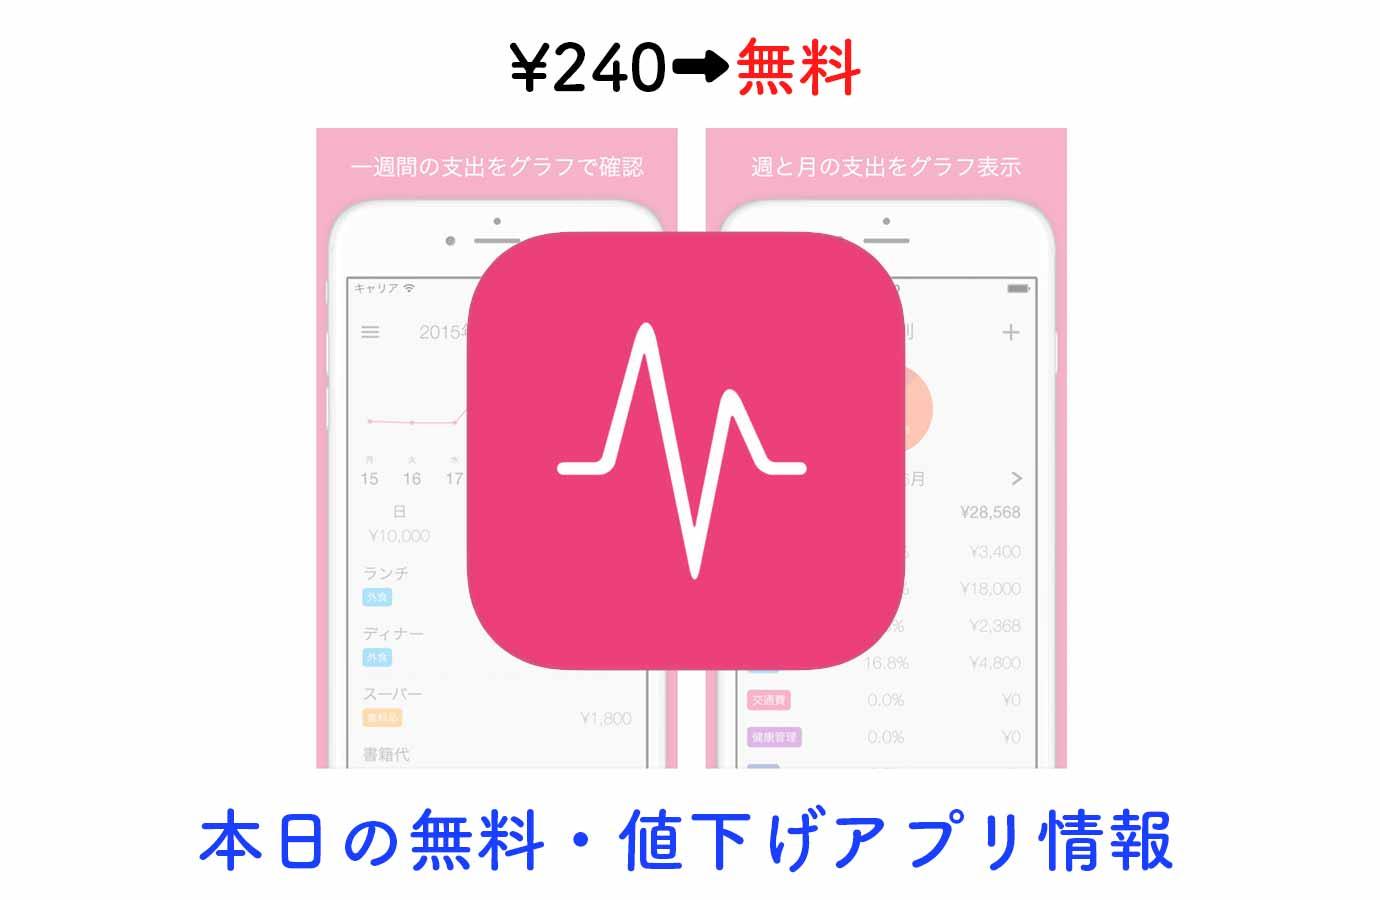 ¥240→無料、グラフ表示が分かりやすい支出管理アプリ「Spends」など【9/4】本日の無料・値下げアプリ情報